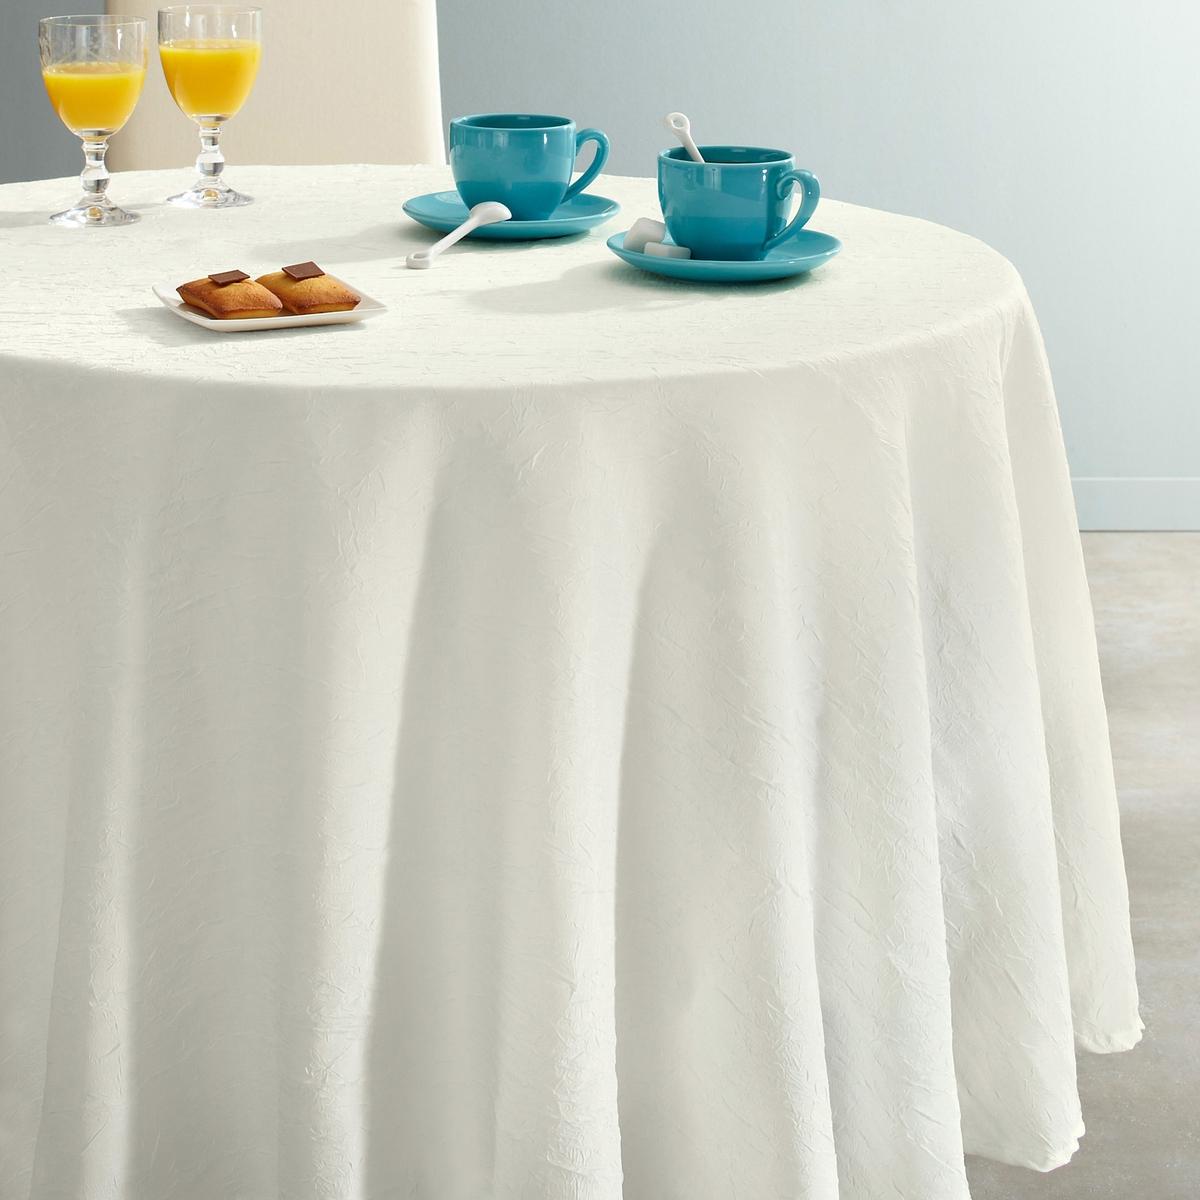 Скатерть круглая CERYAS из полиэстера, с эффектом жатой ткани.Круглая скатерть CERYAS из полиэстера, с эффектом жатой ткани. Скатерть украсит Ваш стол, она проста в уходе: полиэстер с эффектом жатой ткани высыхает за 5 минут и не требует глажки! Характеристики:Материал: 100% полиэстераУход: машинная стирка при 40°С.Отделка: подрубленный край с прострочкой.Высыхает за 5 минут. Не гладить.Размеры:- Диаметр 180 см.Существуют и другие размеры на сайте la Redoute.ru.<br><br>Цвет: экрю<br>Размер: 180  см